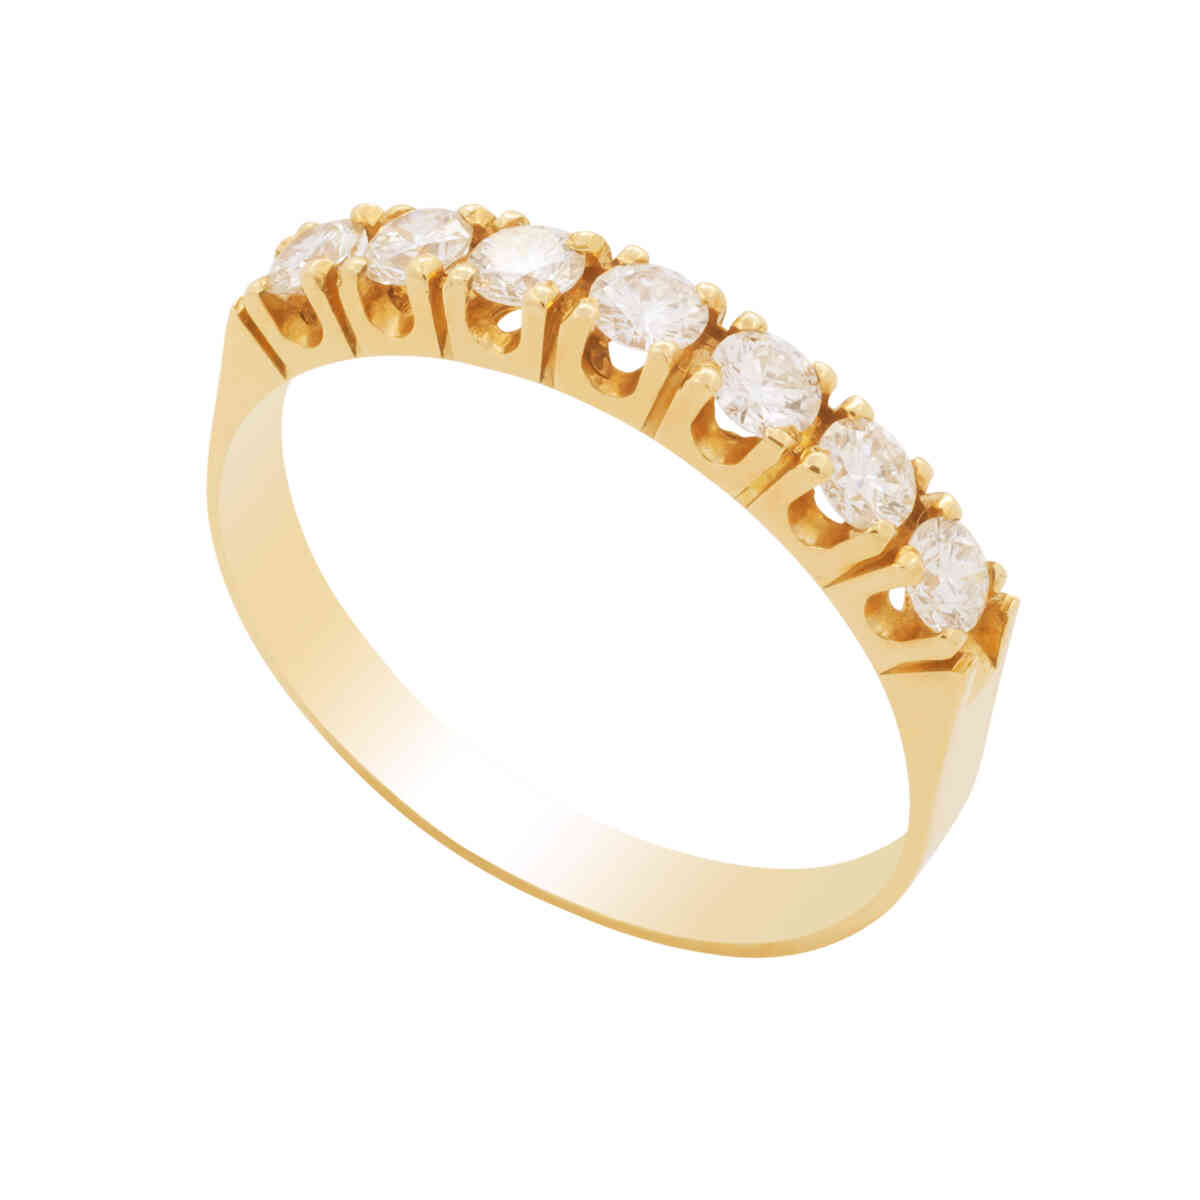 Anel Ouro 18k Meia Aliança com 7 Diamantes com 8 Pontos Cada